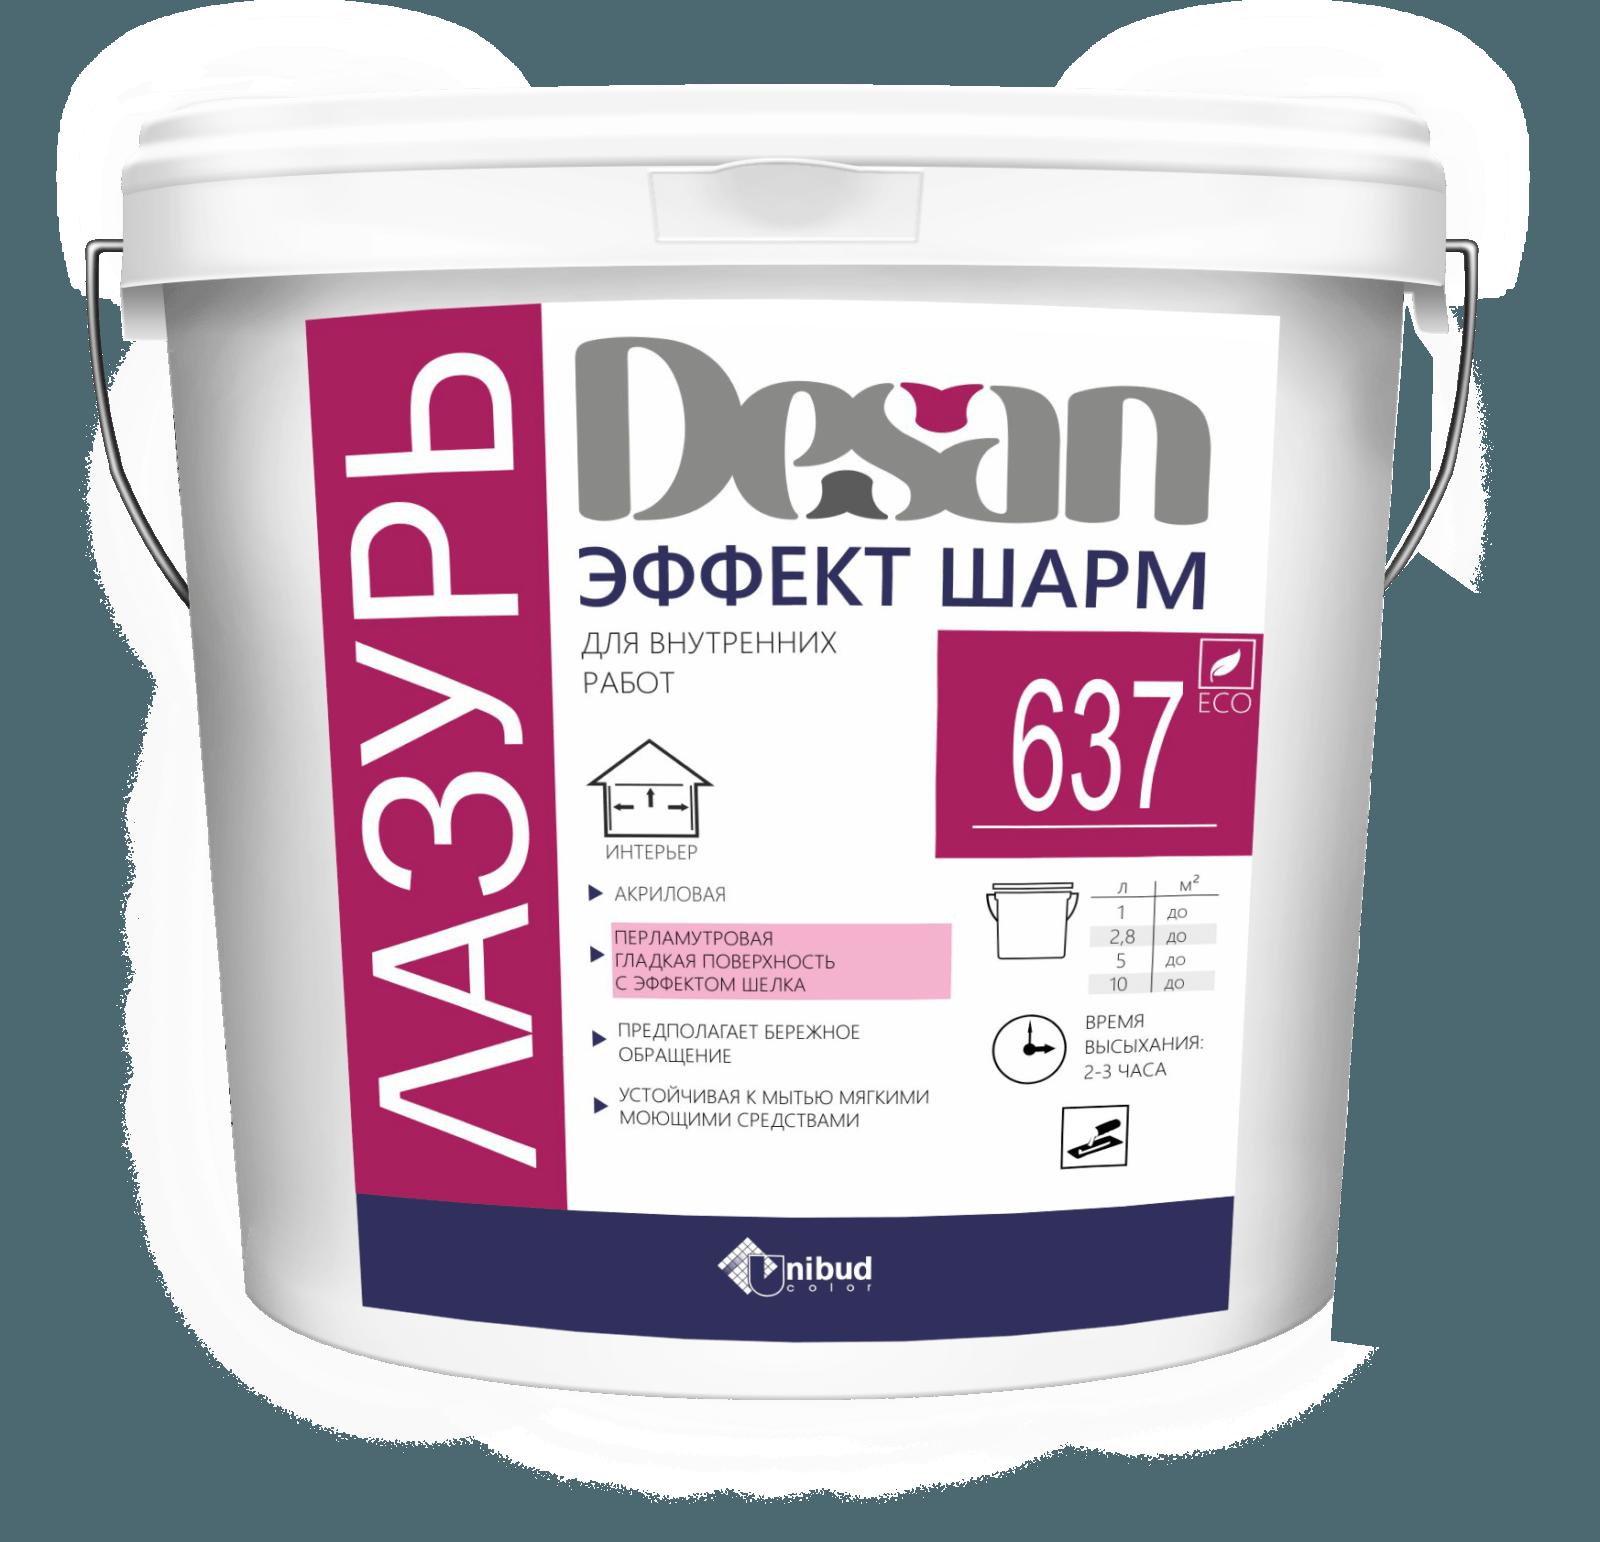 Desan Эффект Шарм ВД-АК-201